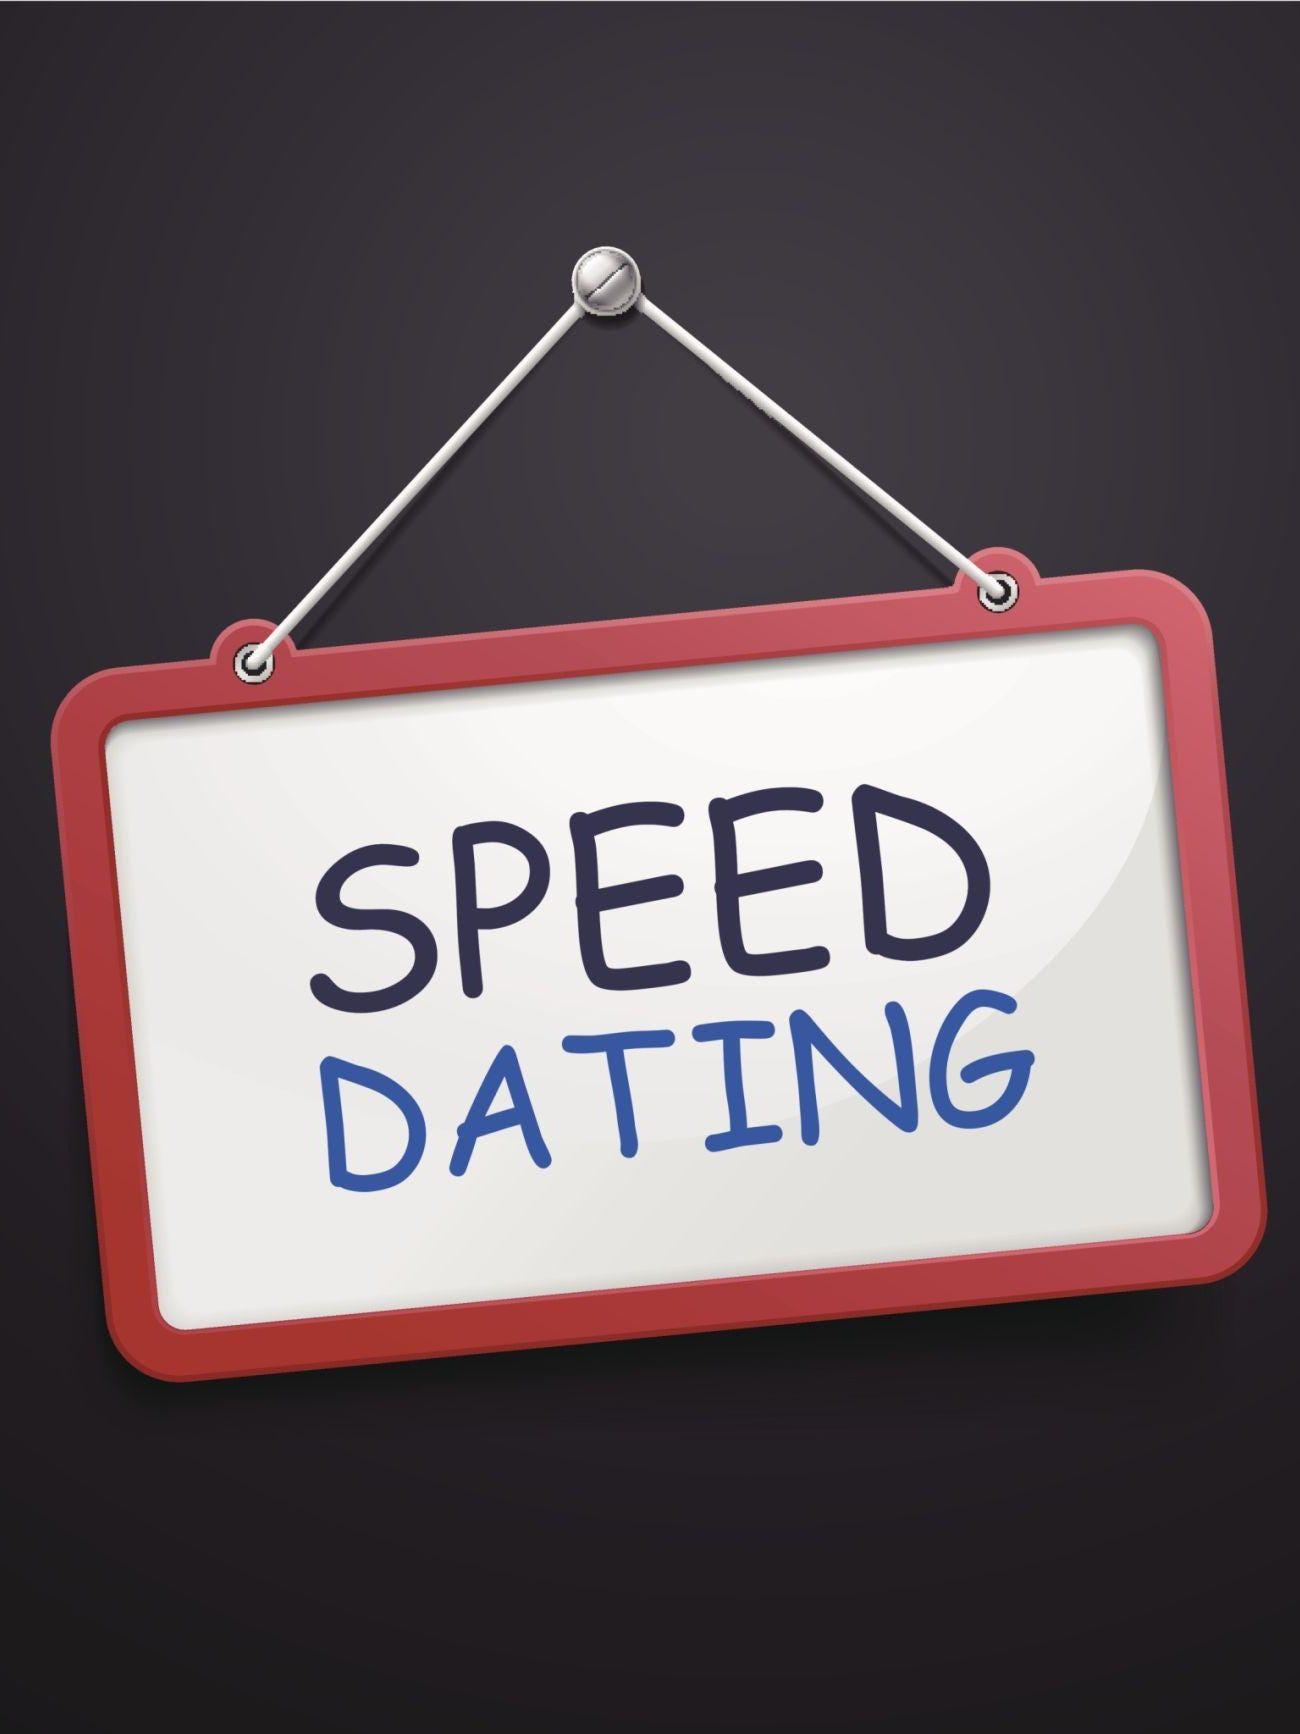 speed dating jku